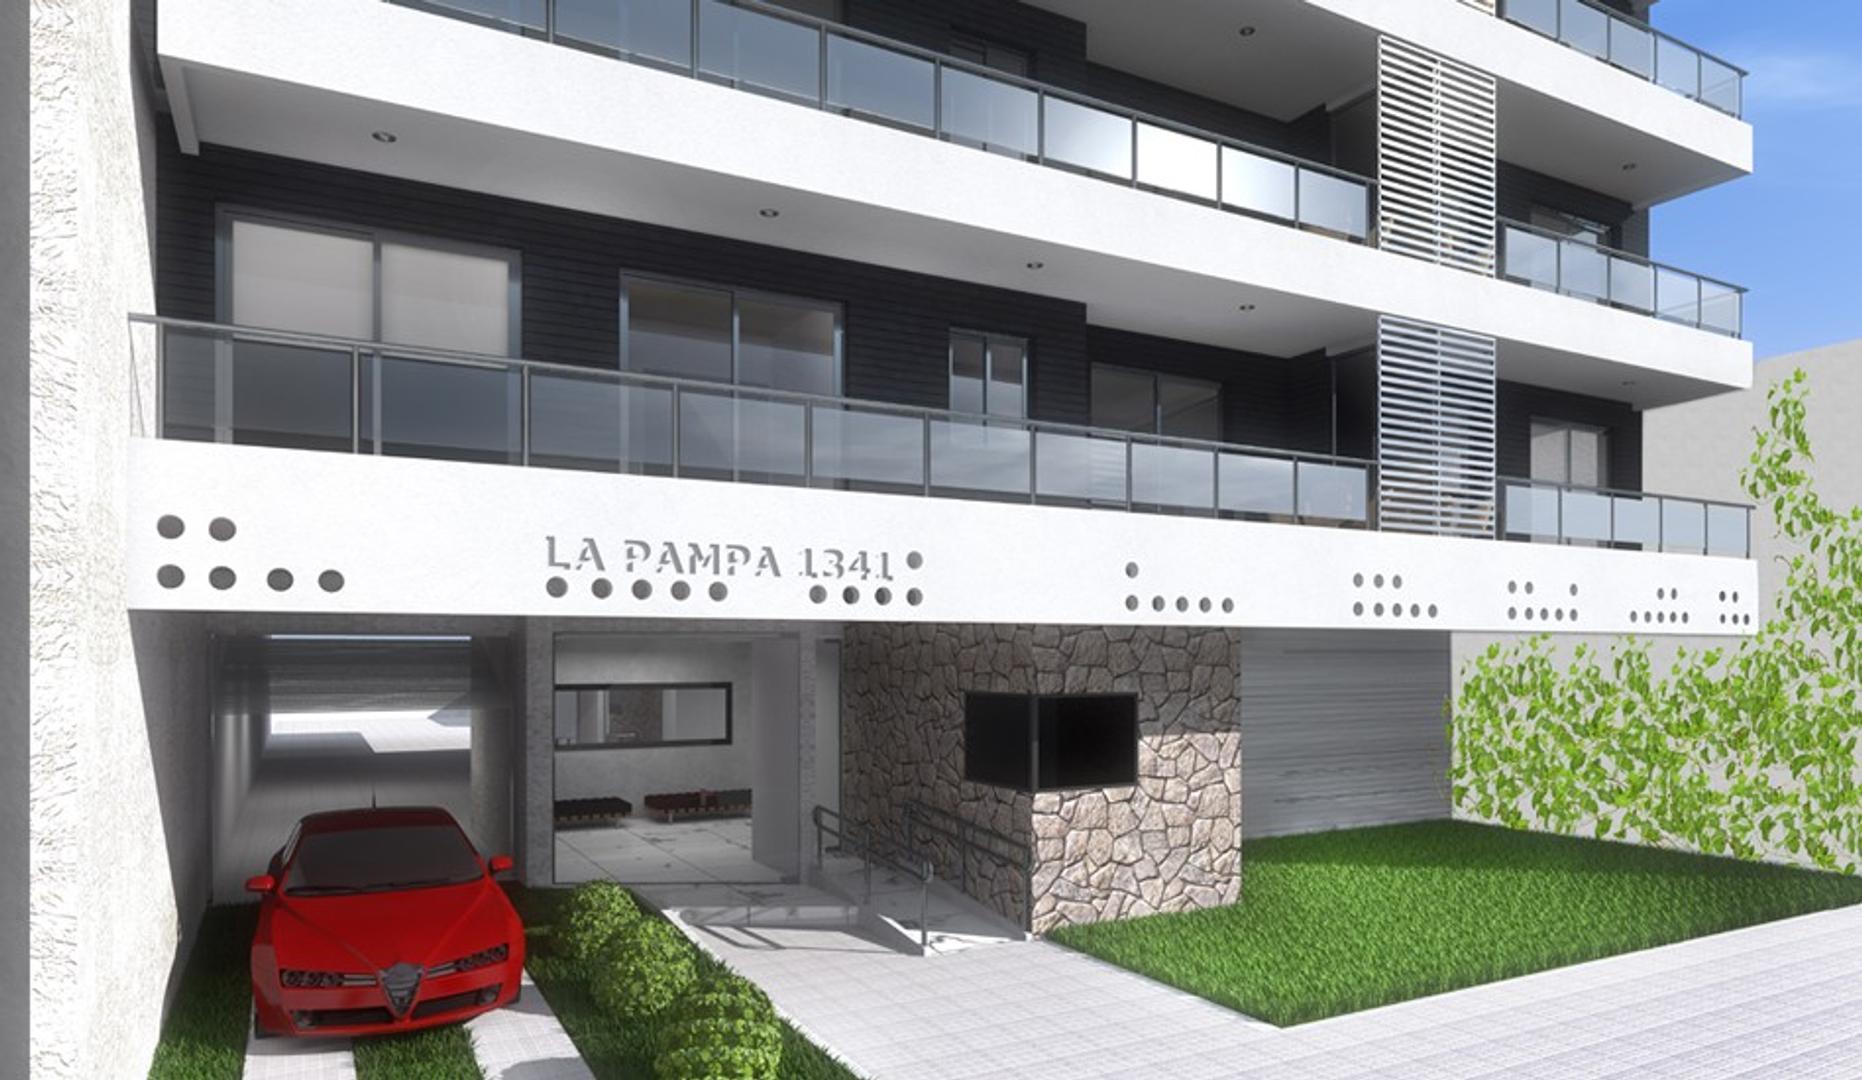 Dueño vende Belgrano Chico dpto 2 amb balcon a estrenar edif full amenities